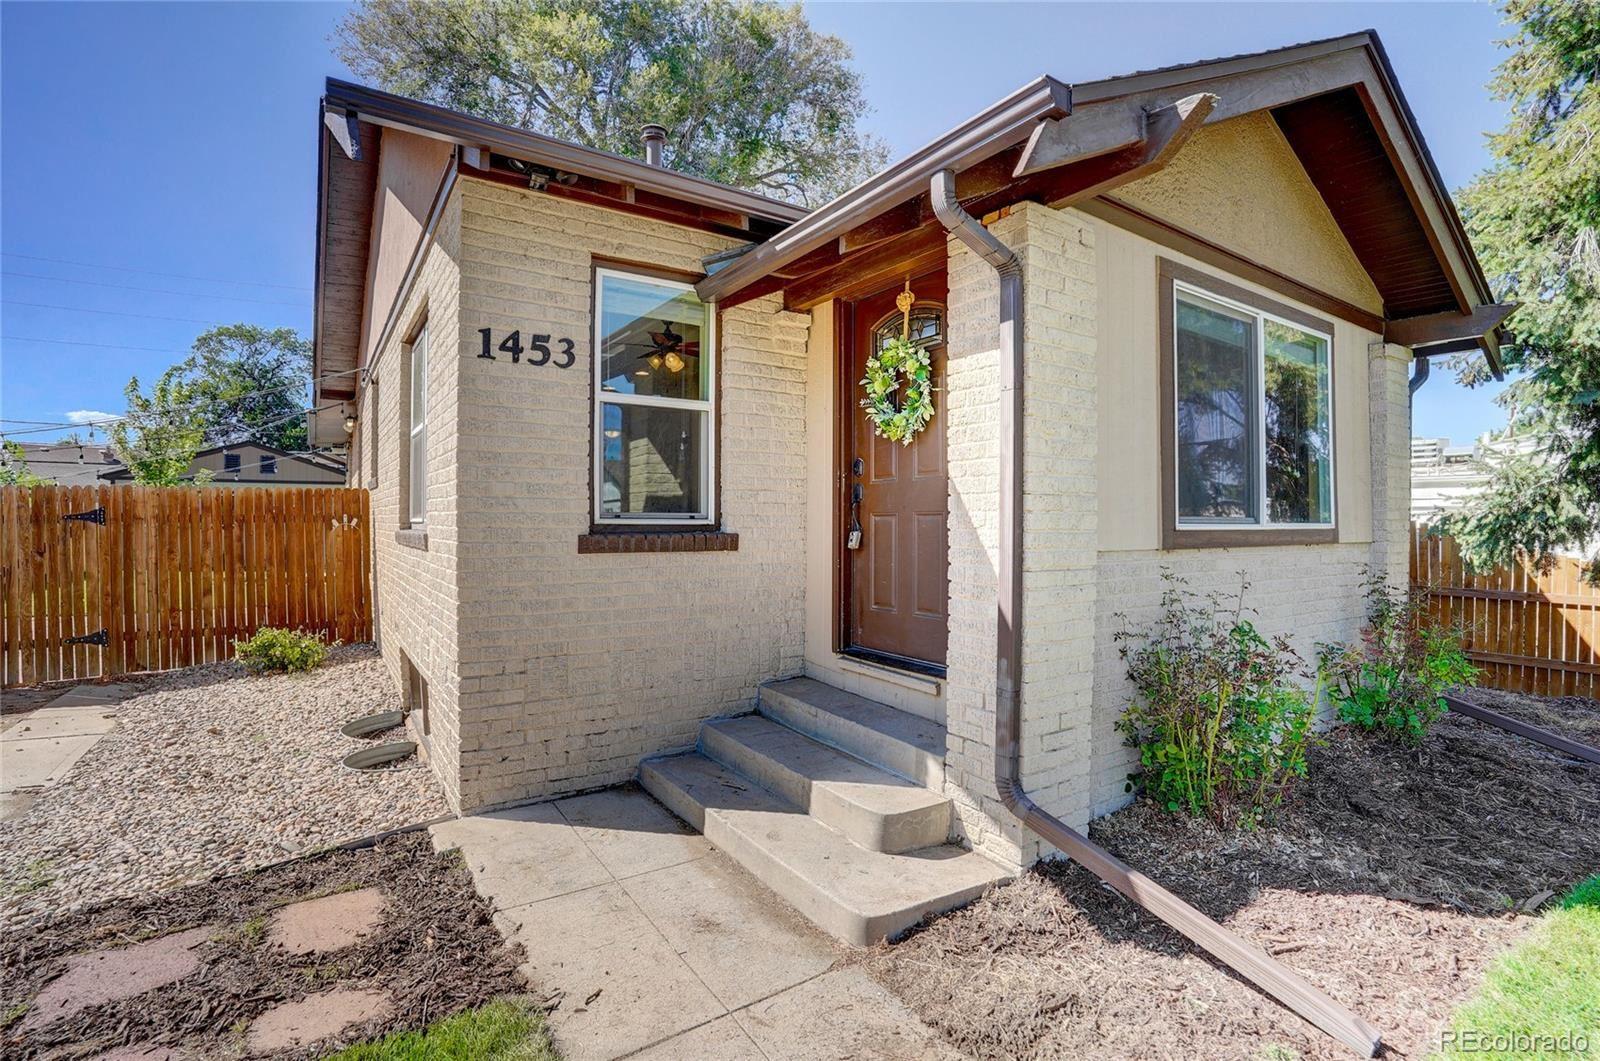 Photo of 1453 Rosemary Street, Denver, CO 80220 (MLS # 4661495)